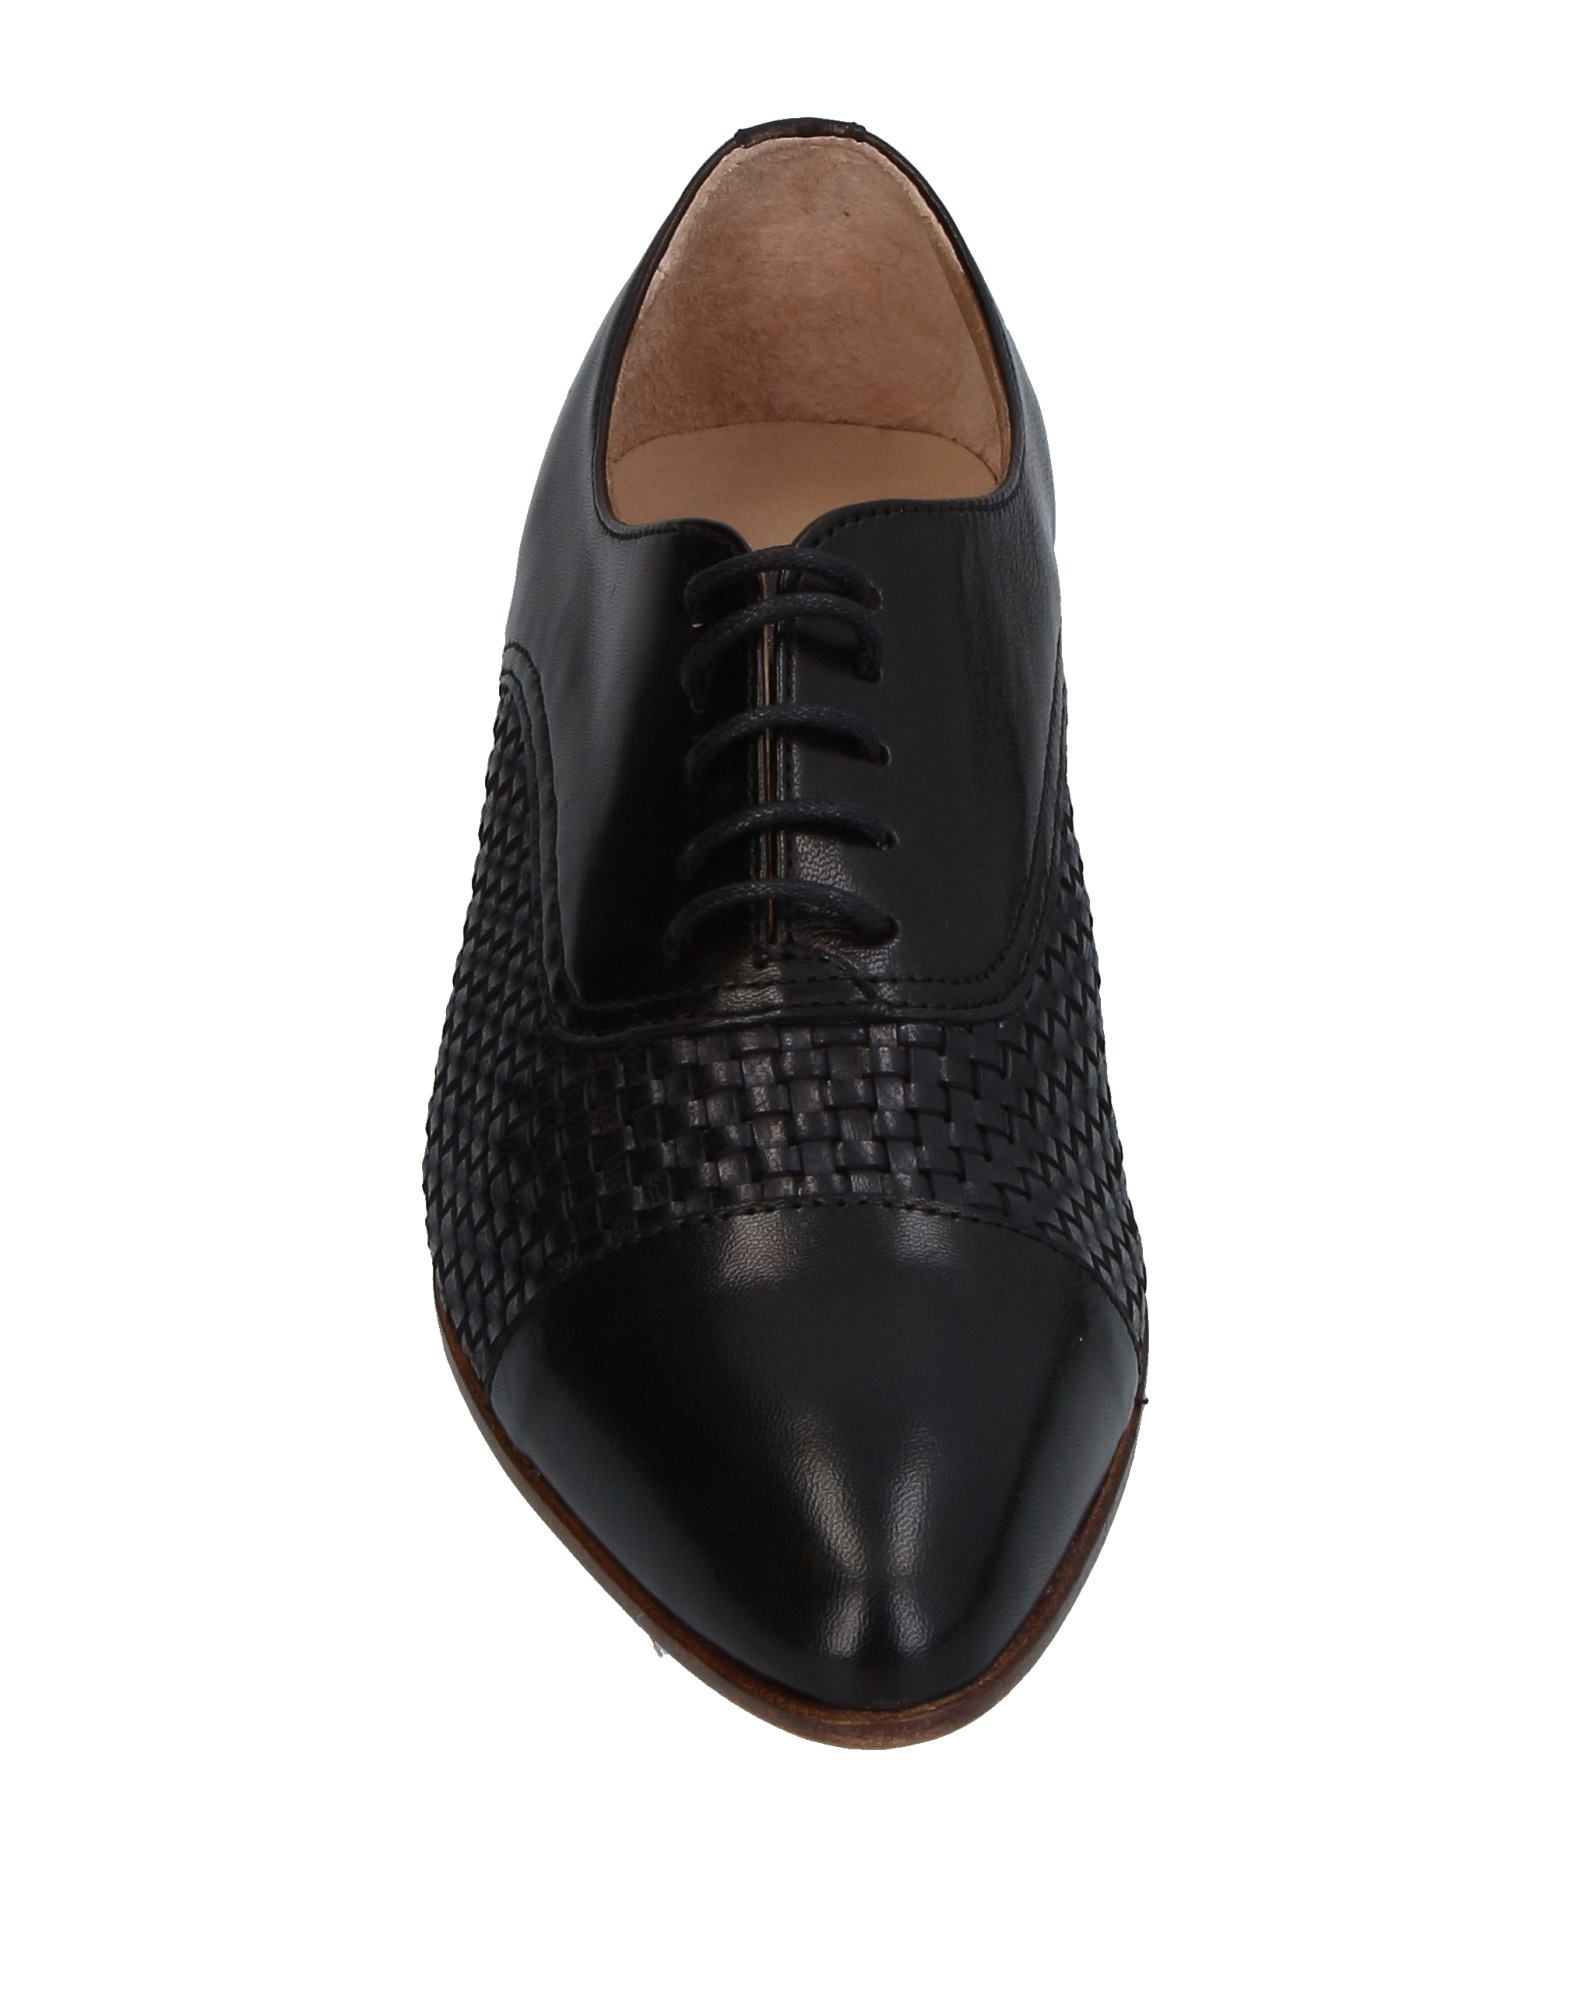 Calpierre Schnürschuhe Damen  11407547AG Qualität Gute Qualität 11407547AG beliebte Schuhe 990a8e